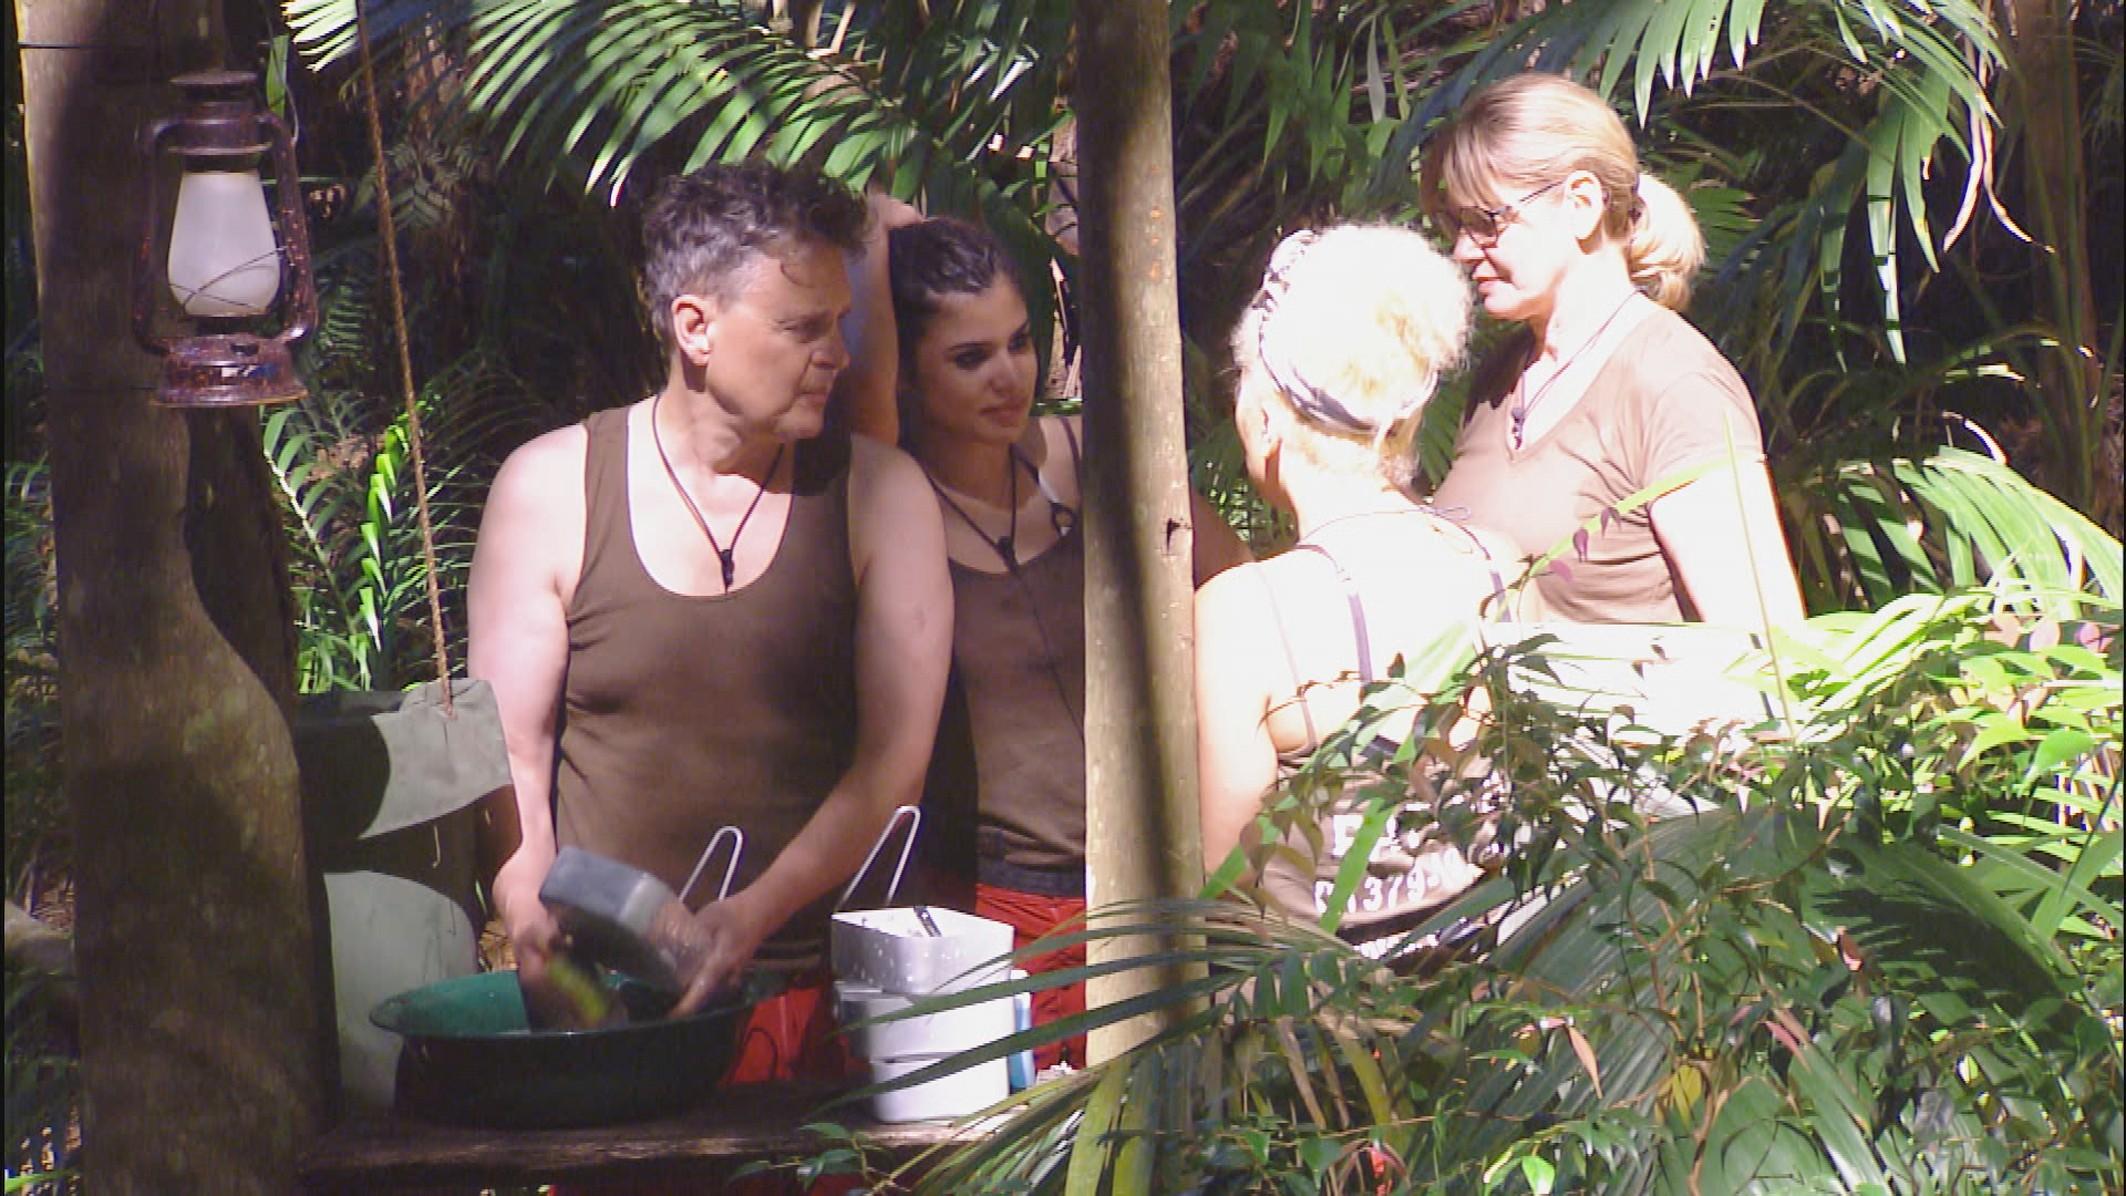 Dschungelcamp-2015-Folge-3-vom-18.01.2015-Walter-Freiwald-Laestereien-RTL-IBES-Ich-bin-ein-Star-Holt-mich-hier-raus